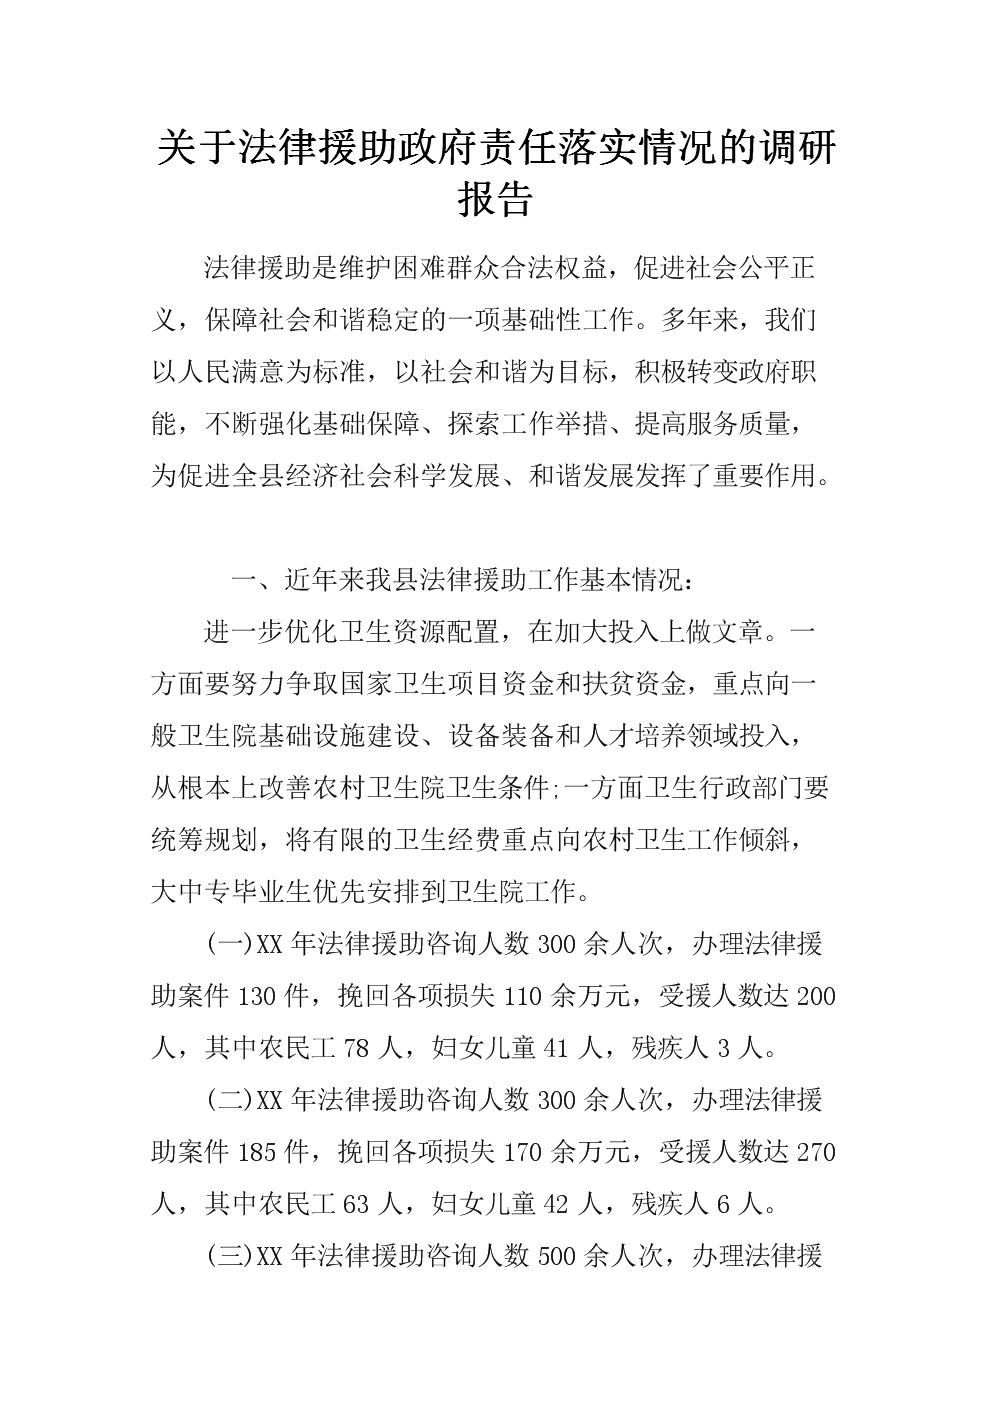 关于法律援助政府责任落实情况调研报告.docx